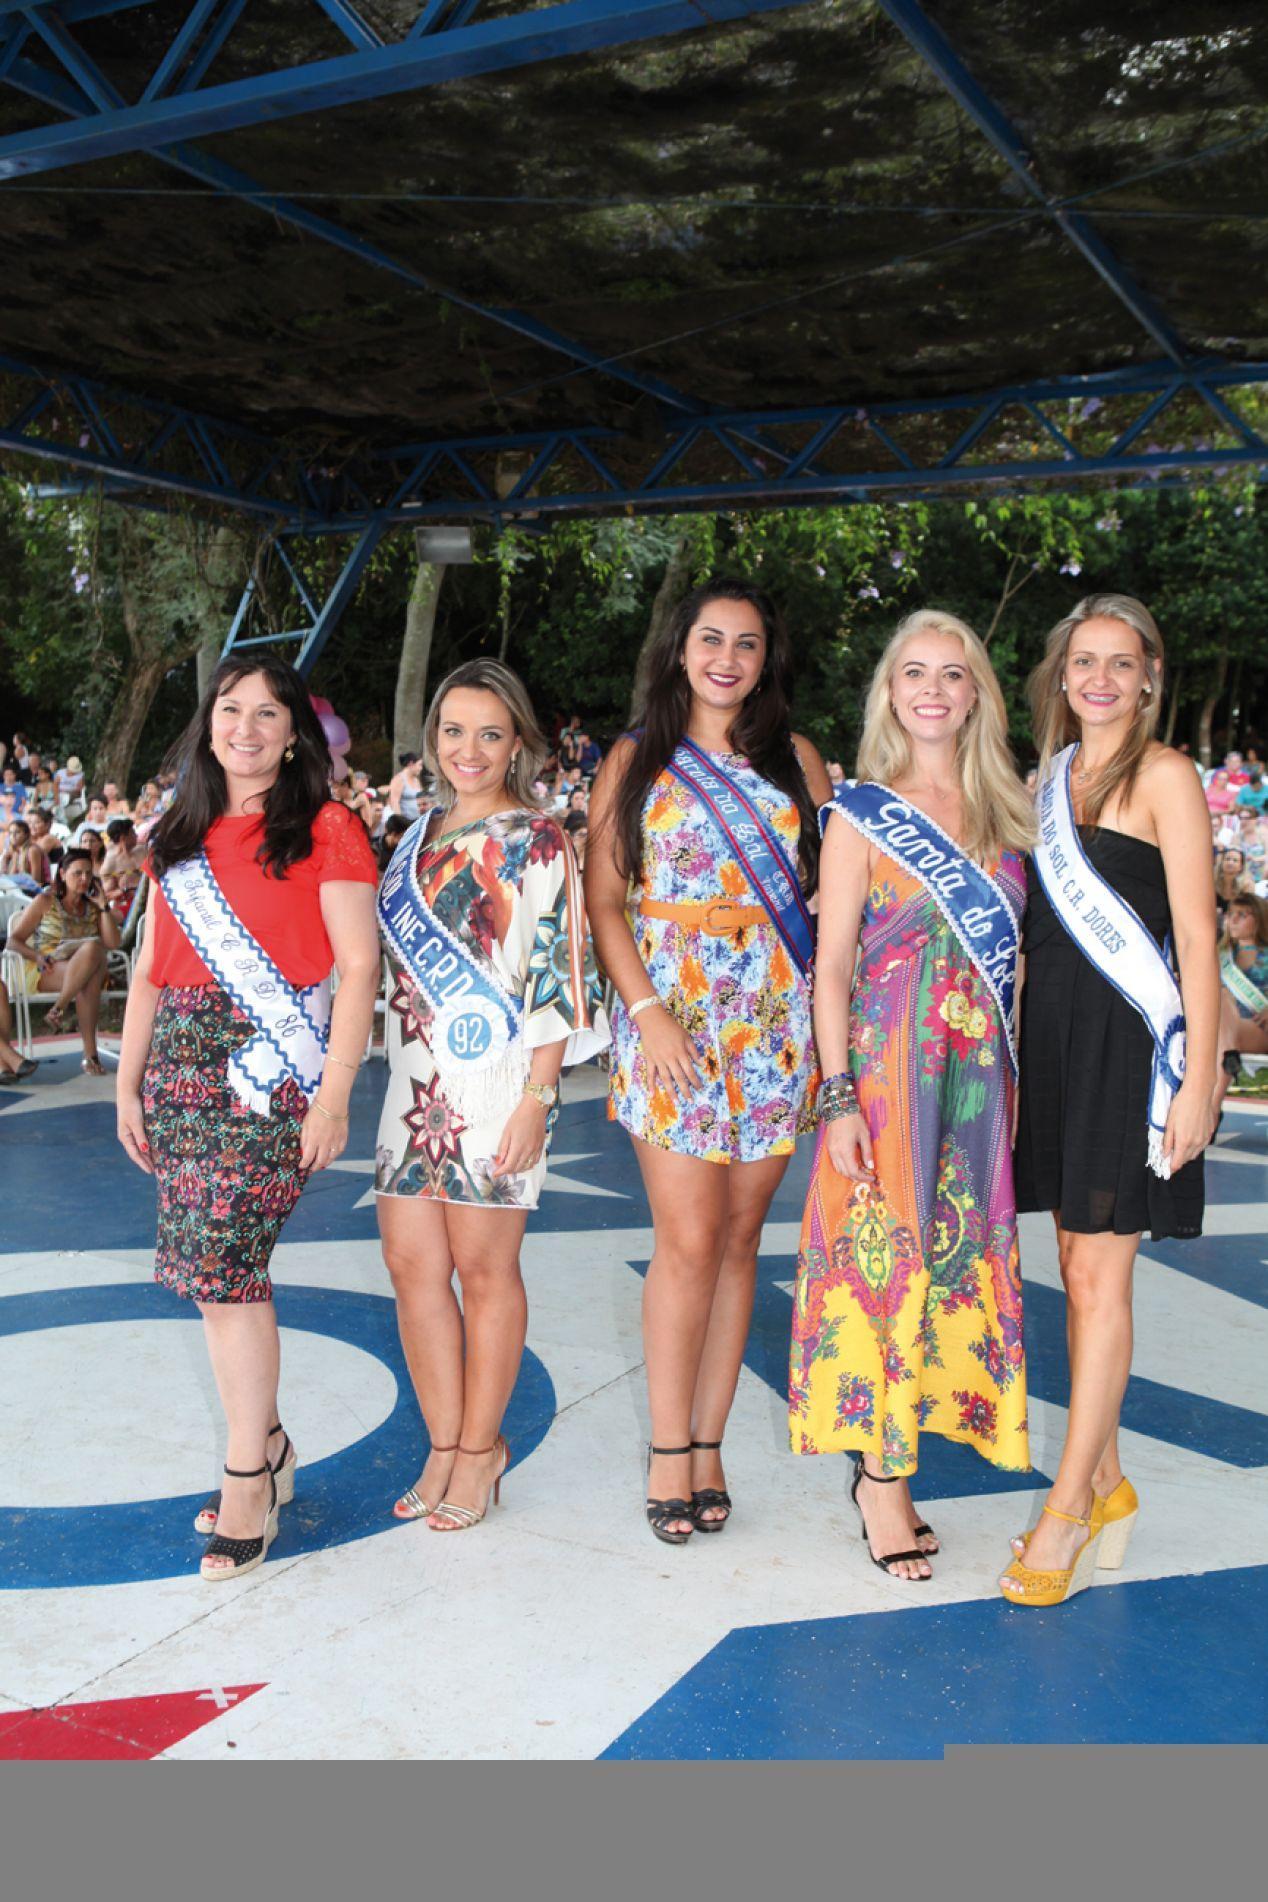 Clebiana, Josiane, Etiele, Diana e Kellen, todas veteranas do Garota do Sol, retornaram ao concurso na posição de juradas.